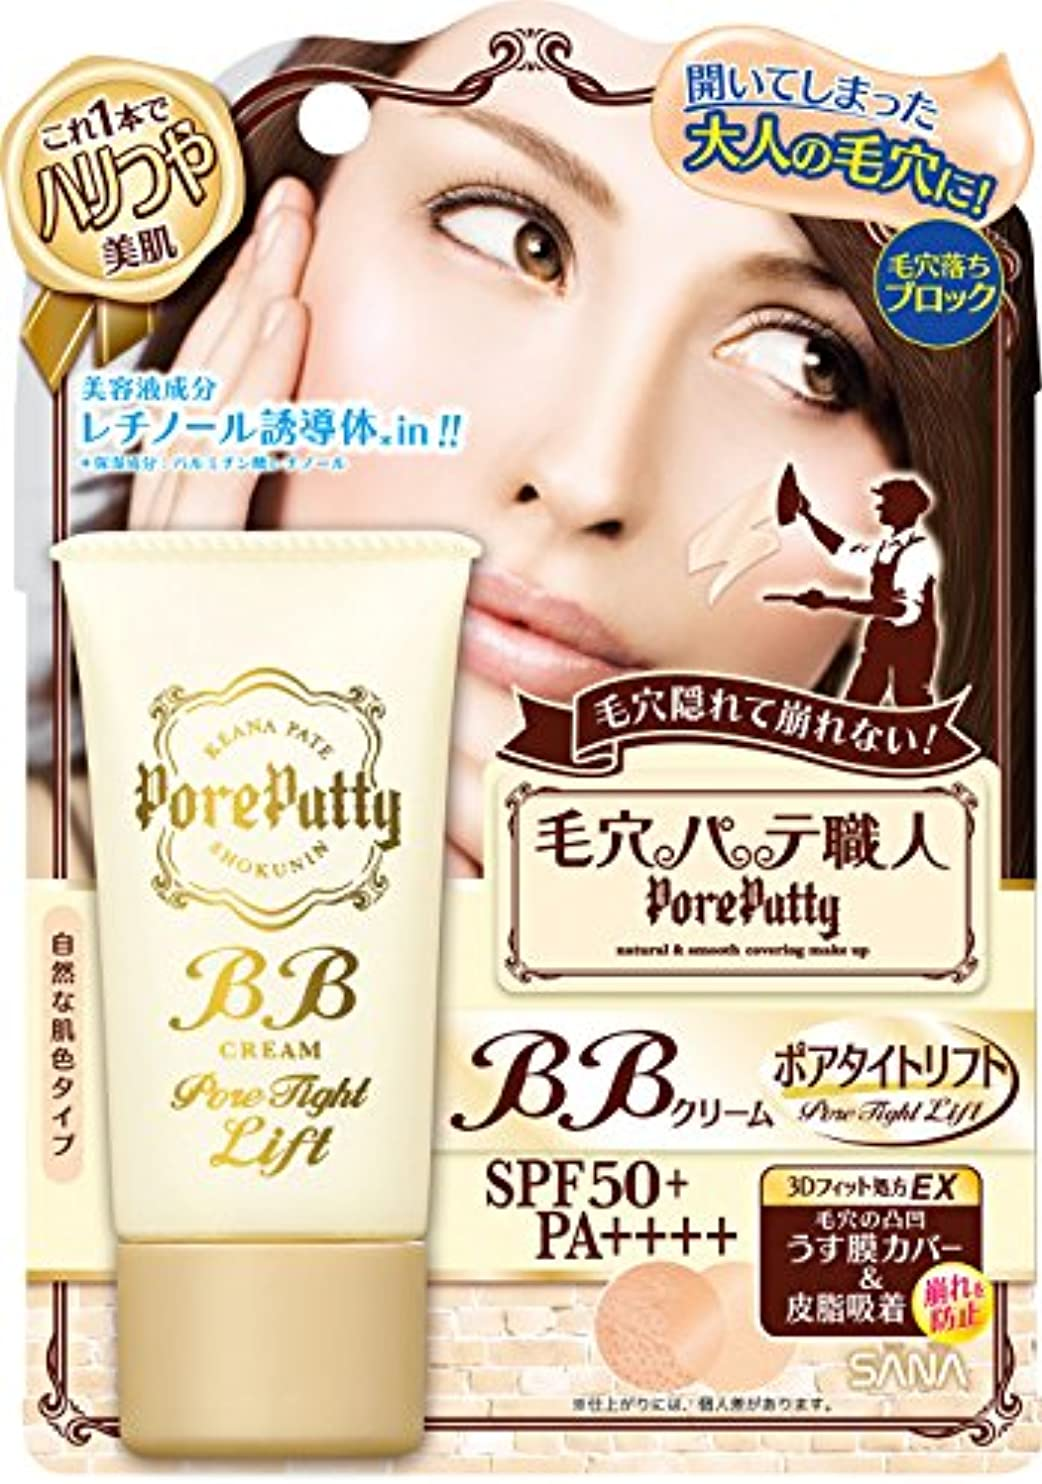 豊富のり制限された毛穴パテ職人 BBクリーム ポアタイトリフト 自然な肌色 30g